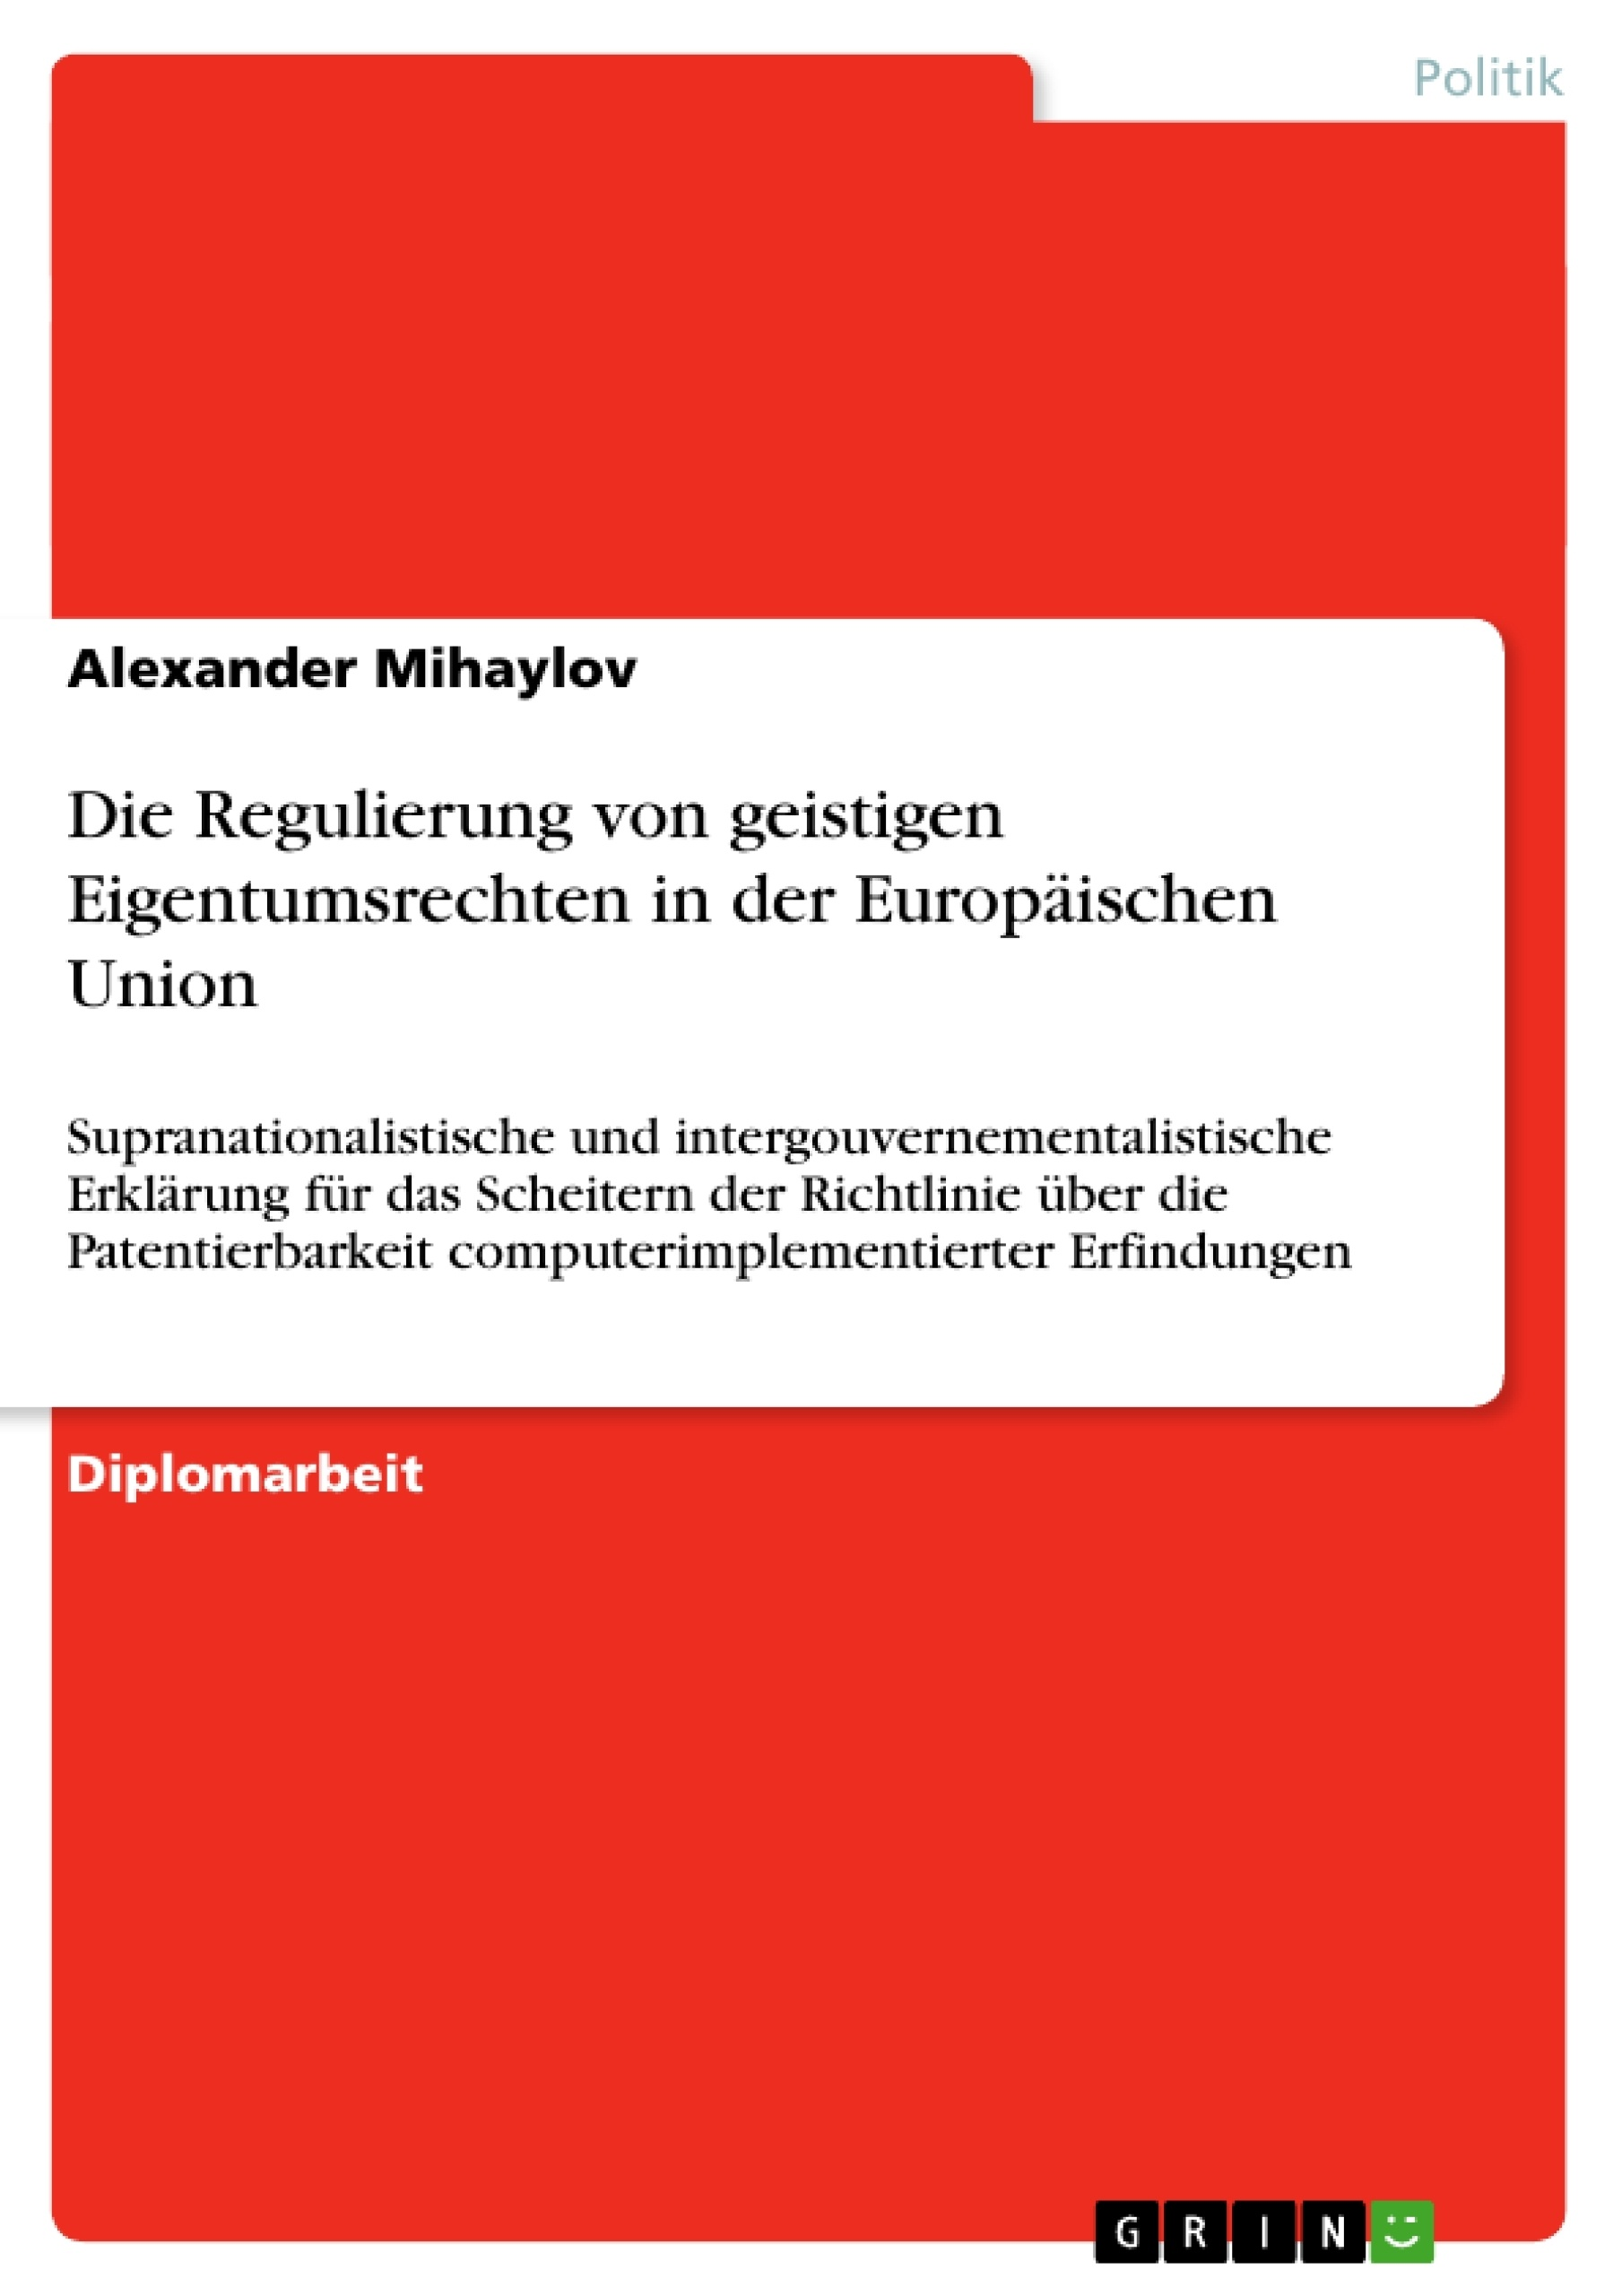 Titel: Die Regulierung von geistigen Eigentumsrechten in der Europäischen Union